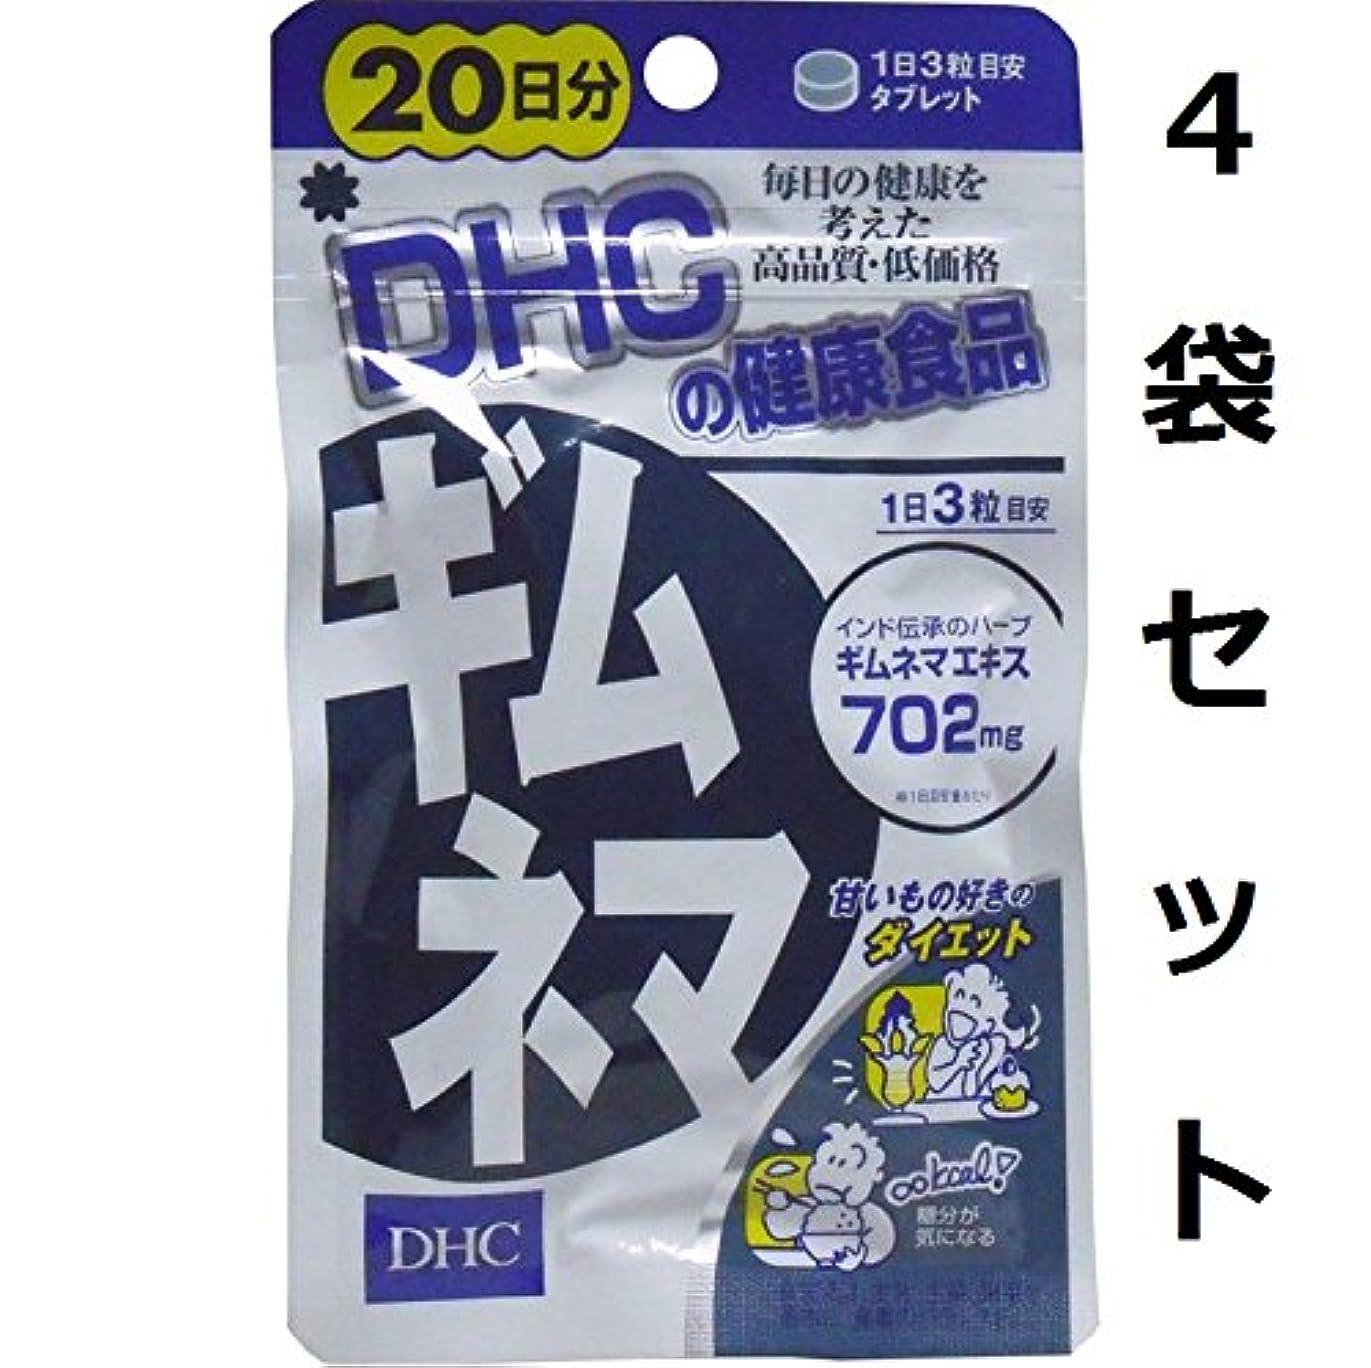 解決するセージスポーツ糖分や炭水化物を多く摂る人に DHC ギムネマ 20日分 60粒 4袋セット